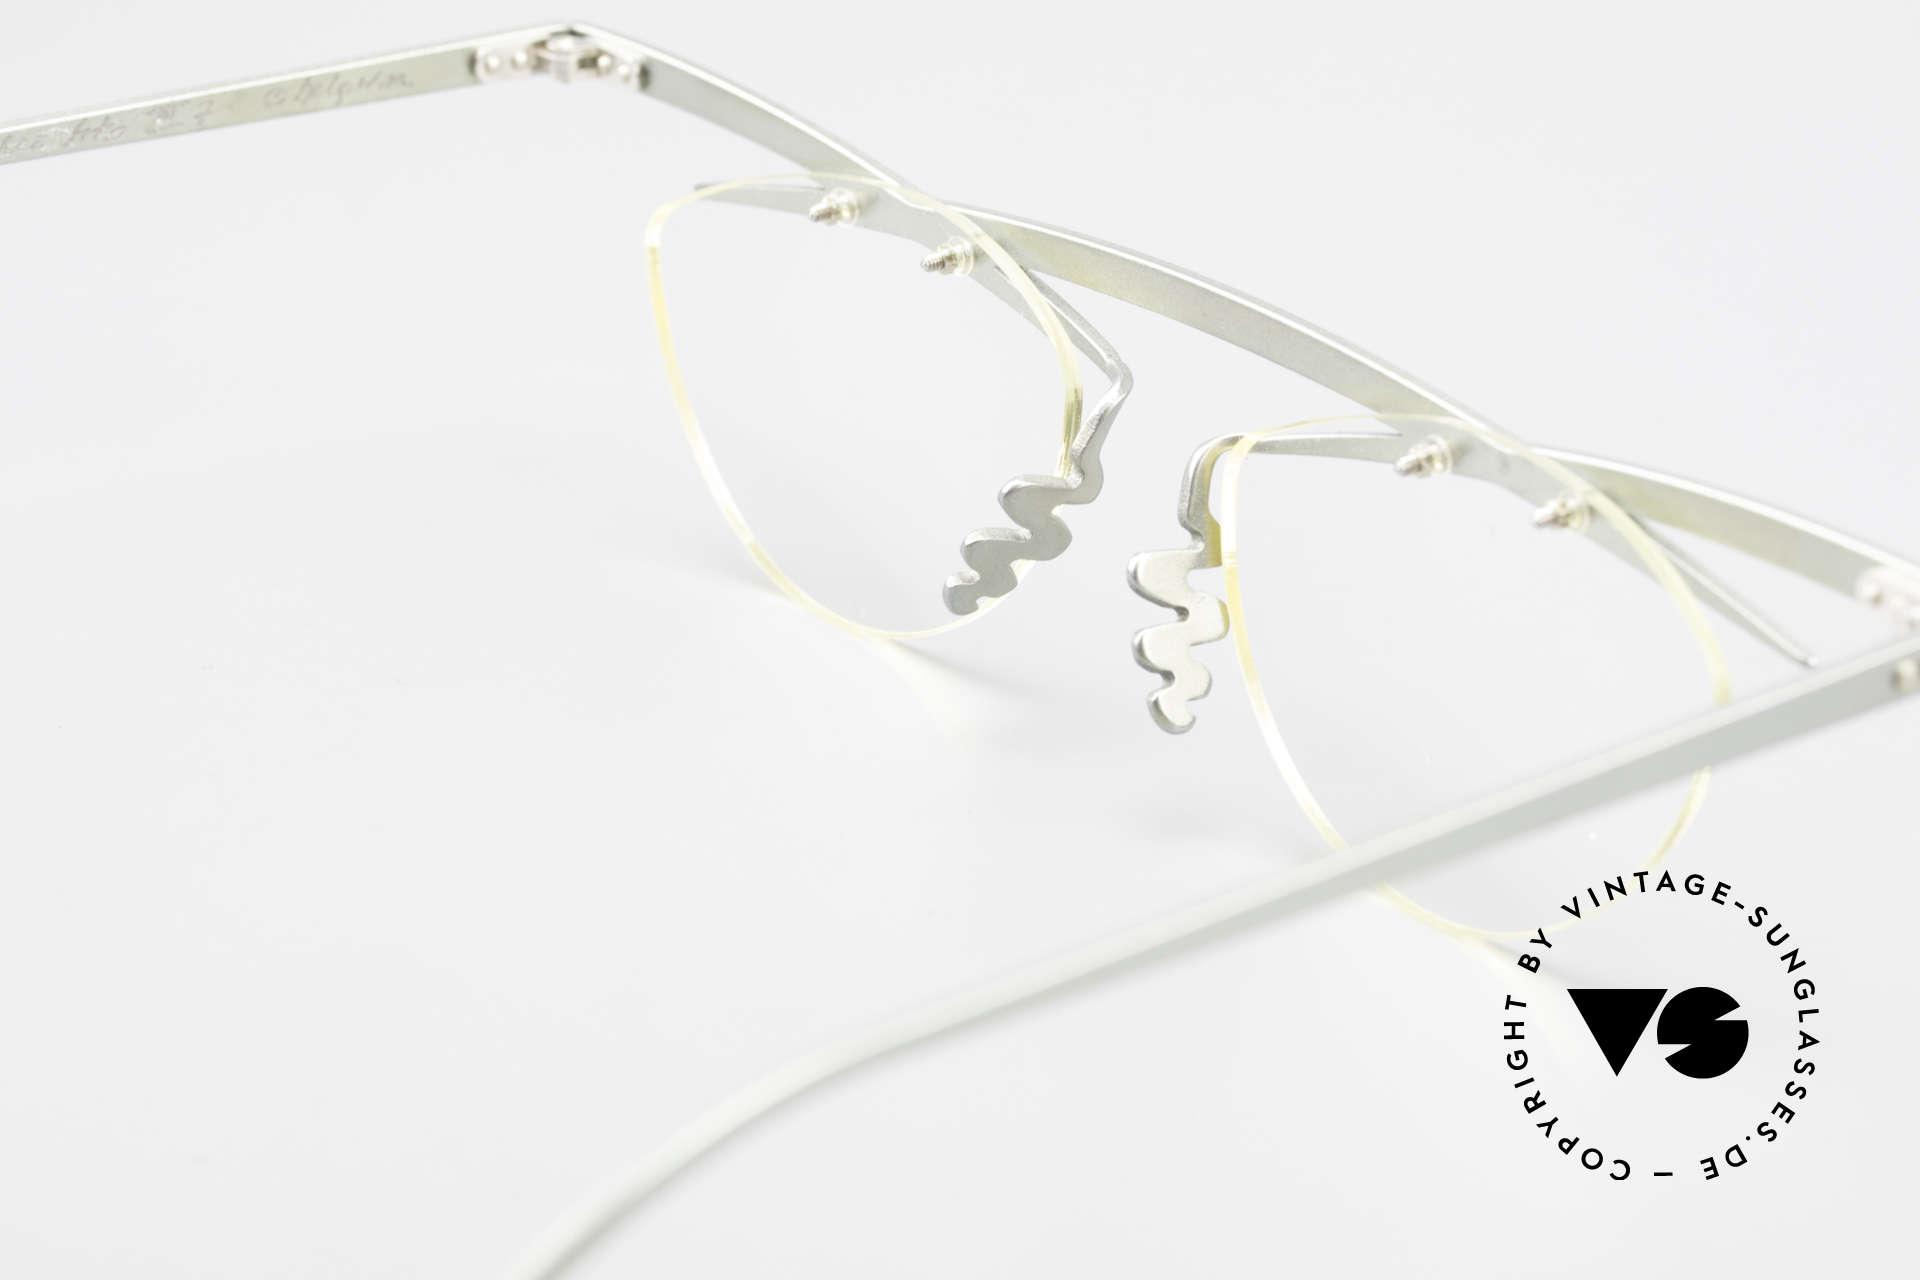 Theo Belgium Tita III 7 Crazy XL Vintage Brille 90er, die orig. Demo-Gläser können beliebig ersetzt werden, Passend für Herren und Damen